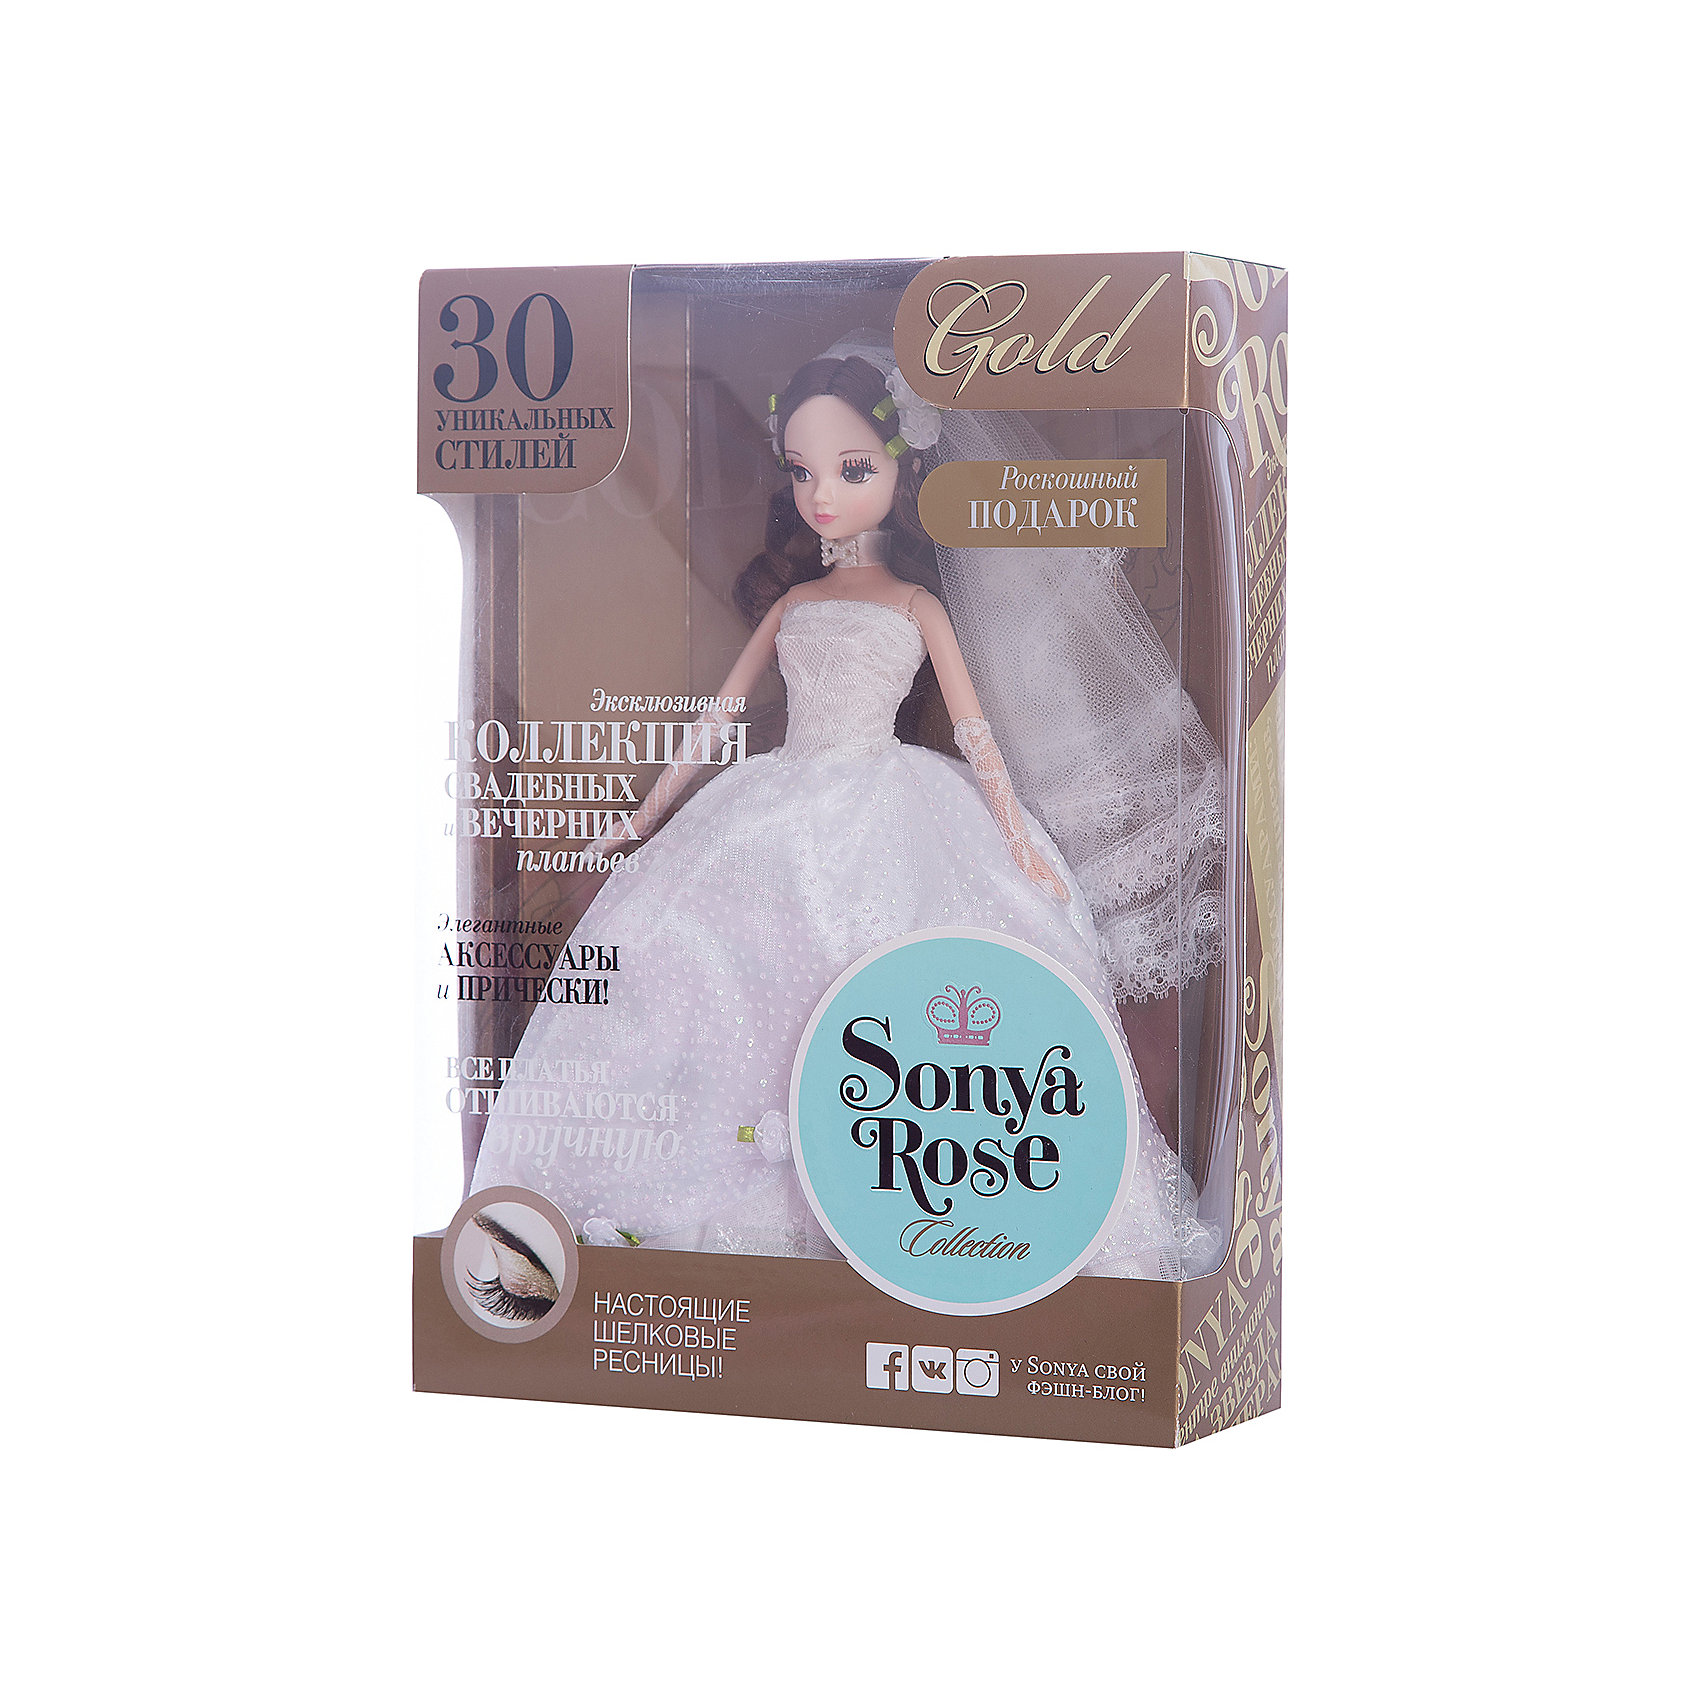 Кукла Лунный камень, серия Золотая коллекция, Sonya RoseБренды кукол<br>Характеристики товара:<br><br>- цвет: разноцветный;<br>- материал: пластик, текстиль;<br>- особенности: подвижные руки и ноги, голова;<br>- размер упаковки: 23х32х7 см;<br>- комплектация: кукла, одежда, аксессуары;<br>- размер куклы: 28 см.<br><br>Такие красивые куклы не оставят ребенка равнодушным! Какая девочка откажется поиграть с куклой в прекрасном свадебном платье?! Игрушка хорошо детализирована, очень качественно выполнена, поэтому она станет отличным подарком ребенку. В наборе идут одежда и аксессуары, которые можно снять!<br>При играх с куклами у детей активизируется мышление, воображение, развиваются творческие способности, нарабатываются варианты социального взаимодействия, дети учатся заботиться о других. Изделие произведено из высококачественного материала, безопасного для детей.<br><br>Куклу Лунный камень, серия Золотая коллекция, от бренда Sonya Rose можно купить в нашем интернет-магазине.<br><br>Ширина мм: 230<br>Глубина мм: 320<br>Высота мм: 70<br>Вес г: 352<br>Возраст от месяцев: 36<br>Возраст до месяцев: 2147483647<br>Пол: Женский<br>Возраст: Детский<br>SKU: 5079158